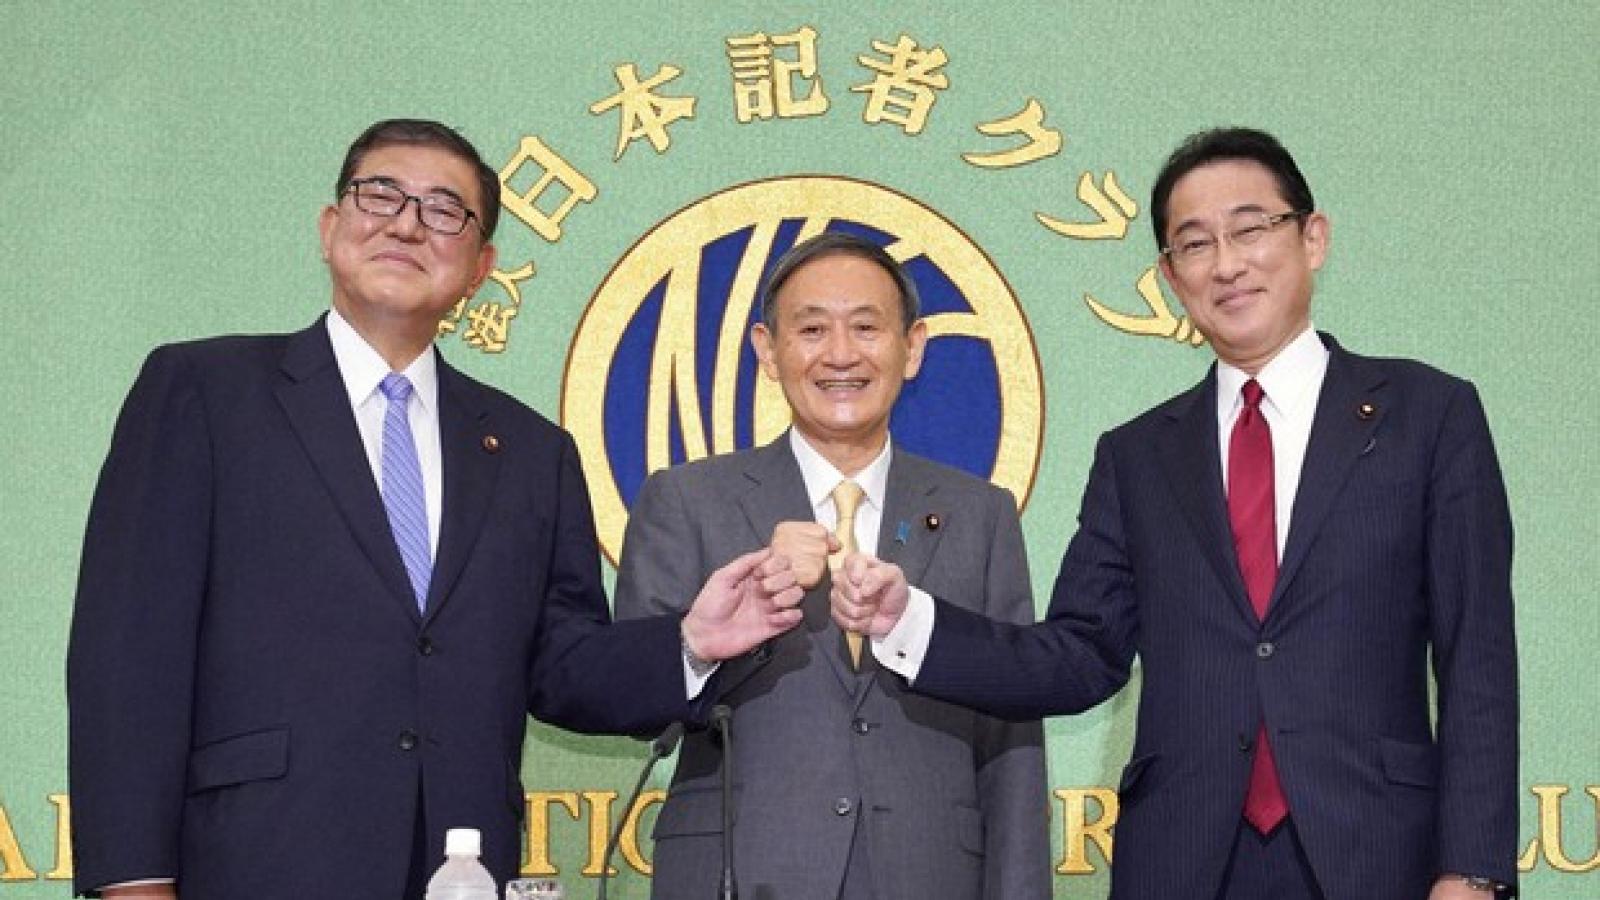 Cuối cuộc đua, ứng cử viên nào nổi nhất cho chức Thủ tướng Nhật Bản?